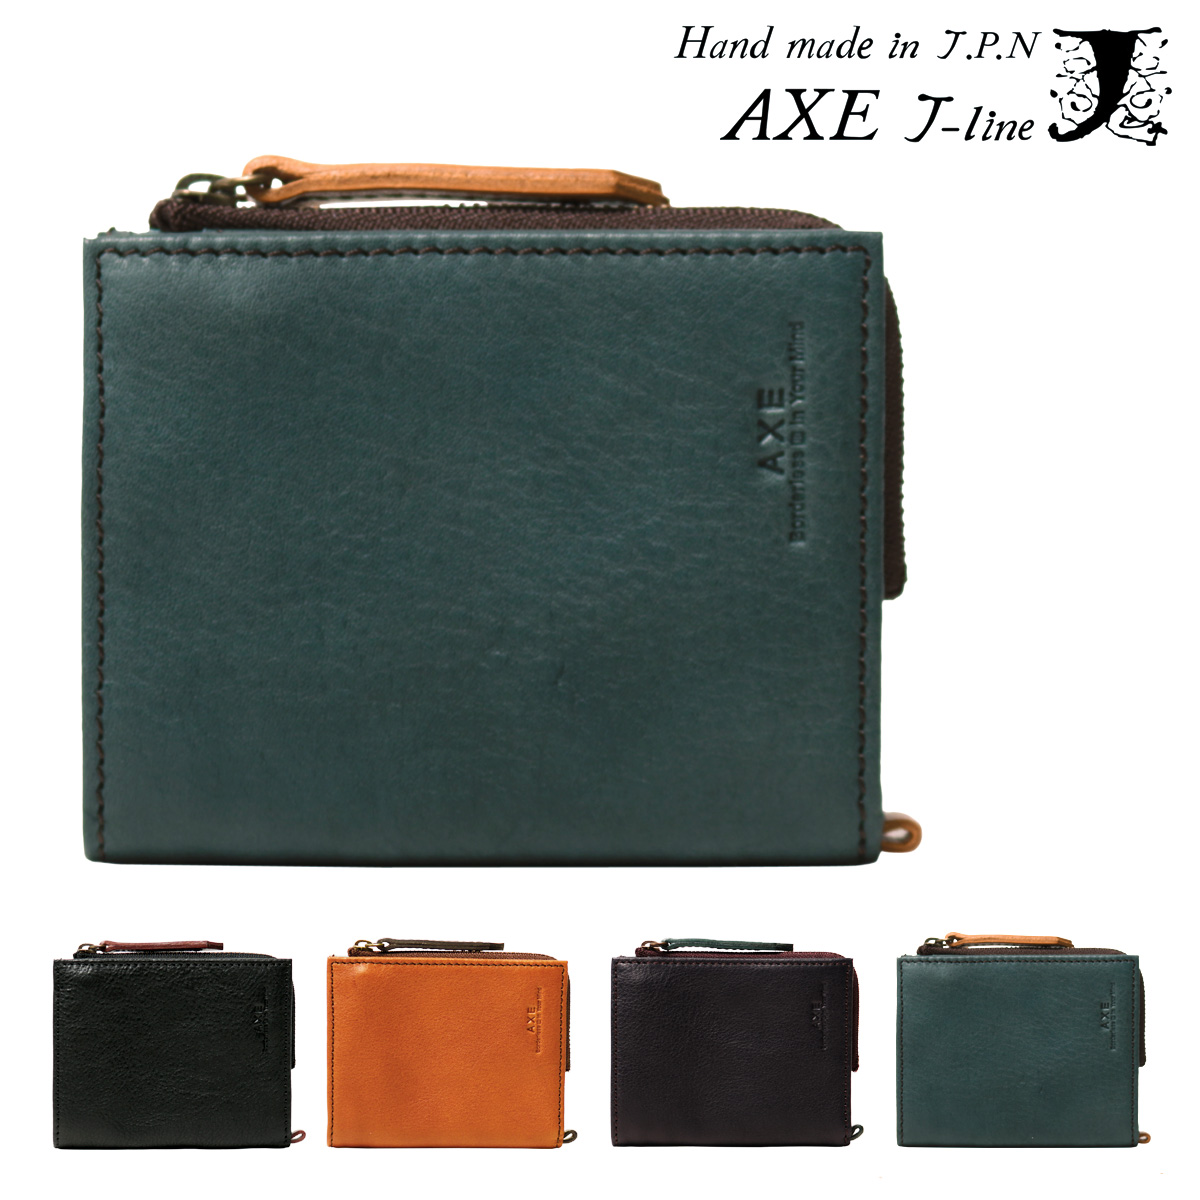 アックス 二つ折り財布 メンズ 本革 小銭入れ付き ポッケ 605612 牛革 レザー AXE